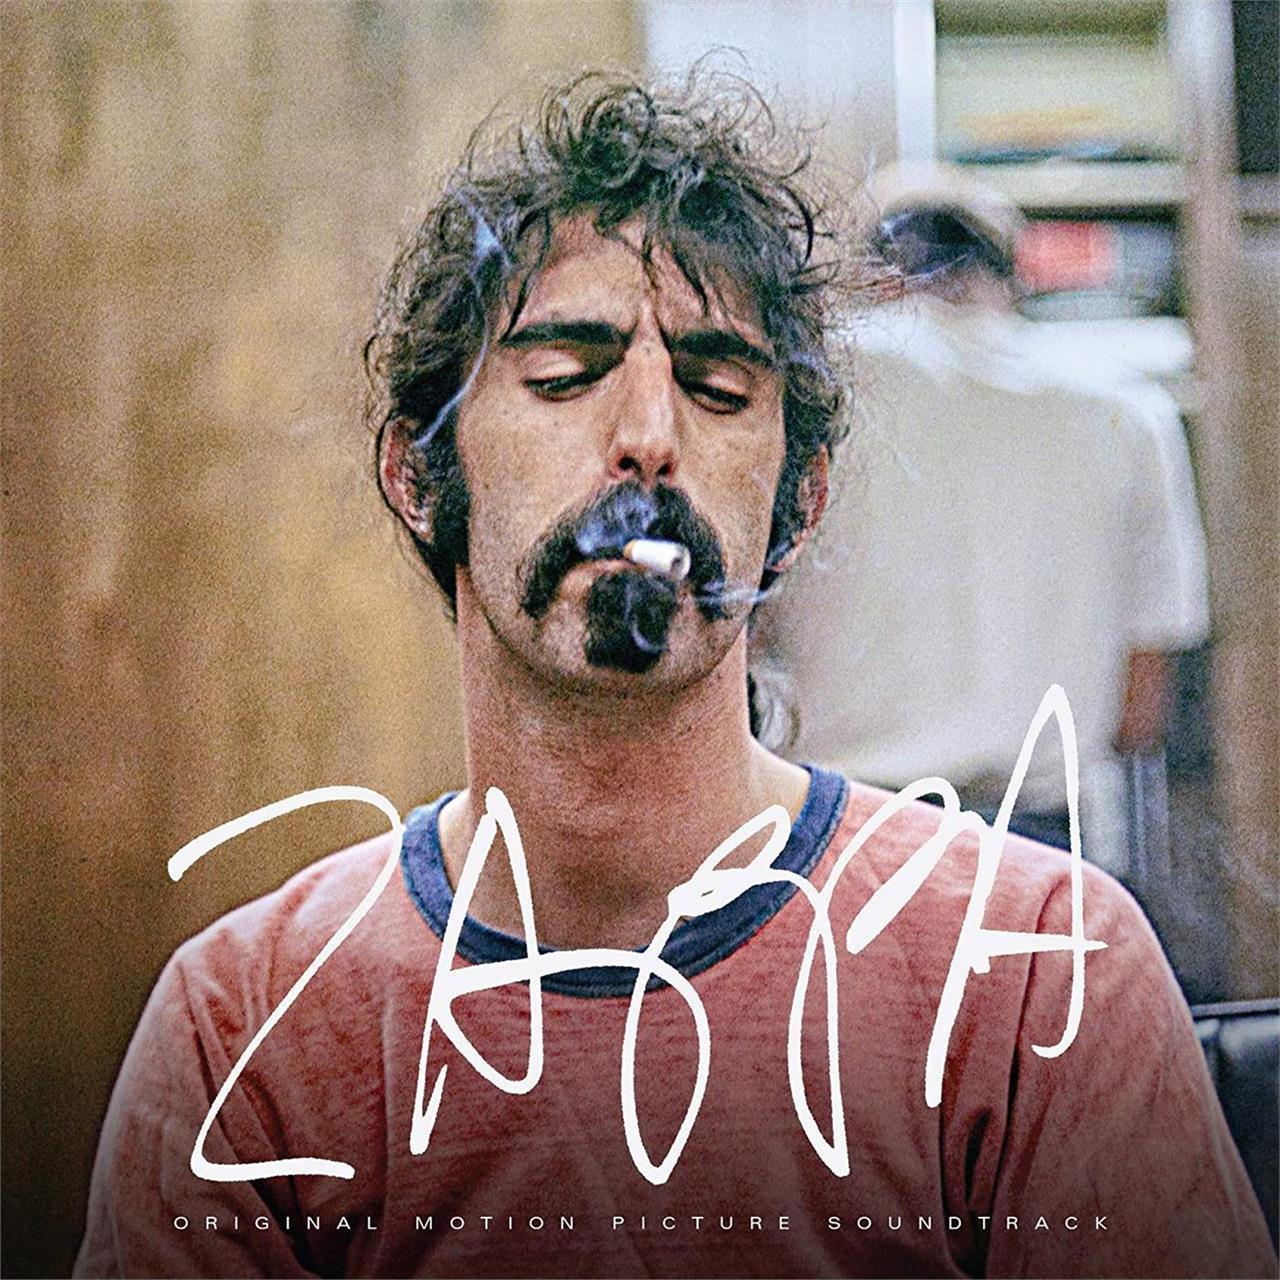 Frank Zappa - Zappa Original Motion Picture Soundtrack [5LP BOX]